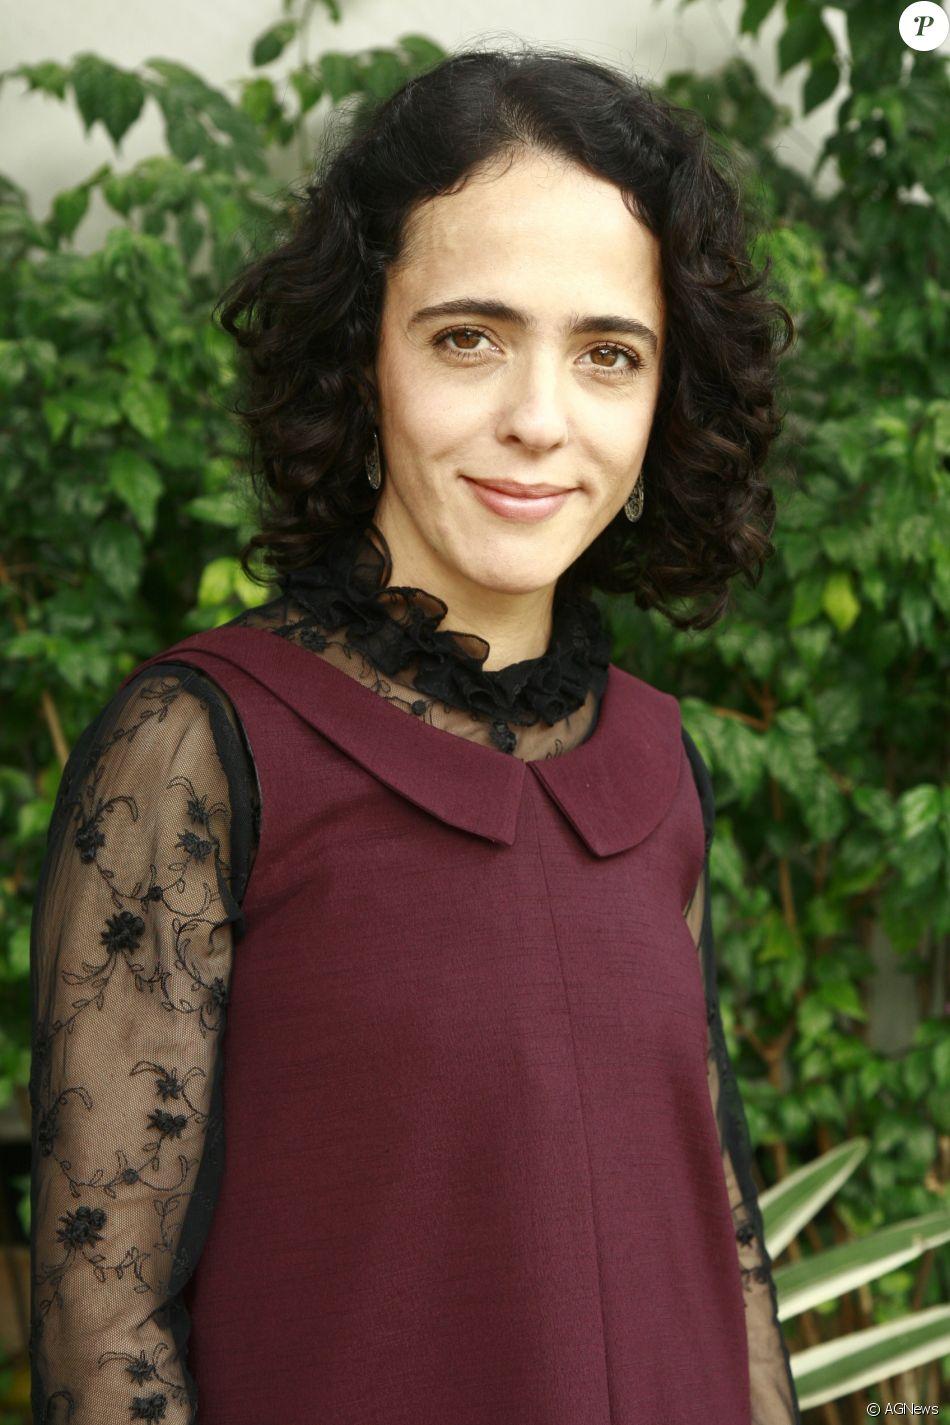 Silvia Buarque nega que esteja com câncer e depressão: 'Estou é chocada', disse ela ao Purepeople nesta sexta-feira, 19 de maio de 2017